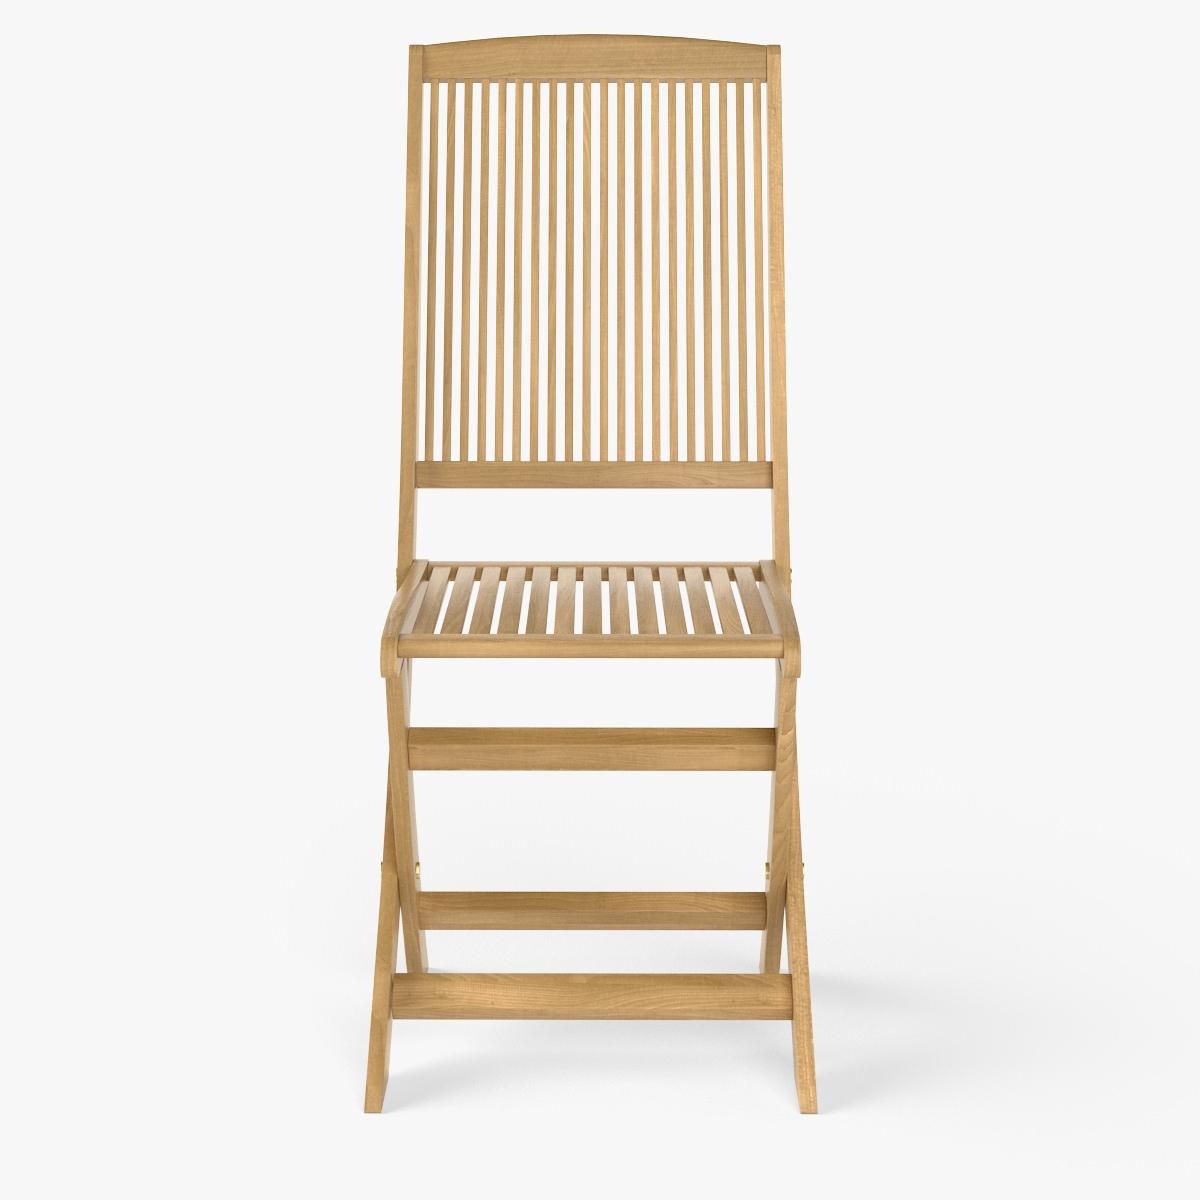 Wooden Chair 3d Model Max Obj Fbx C4d